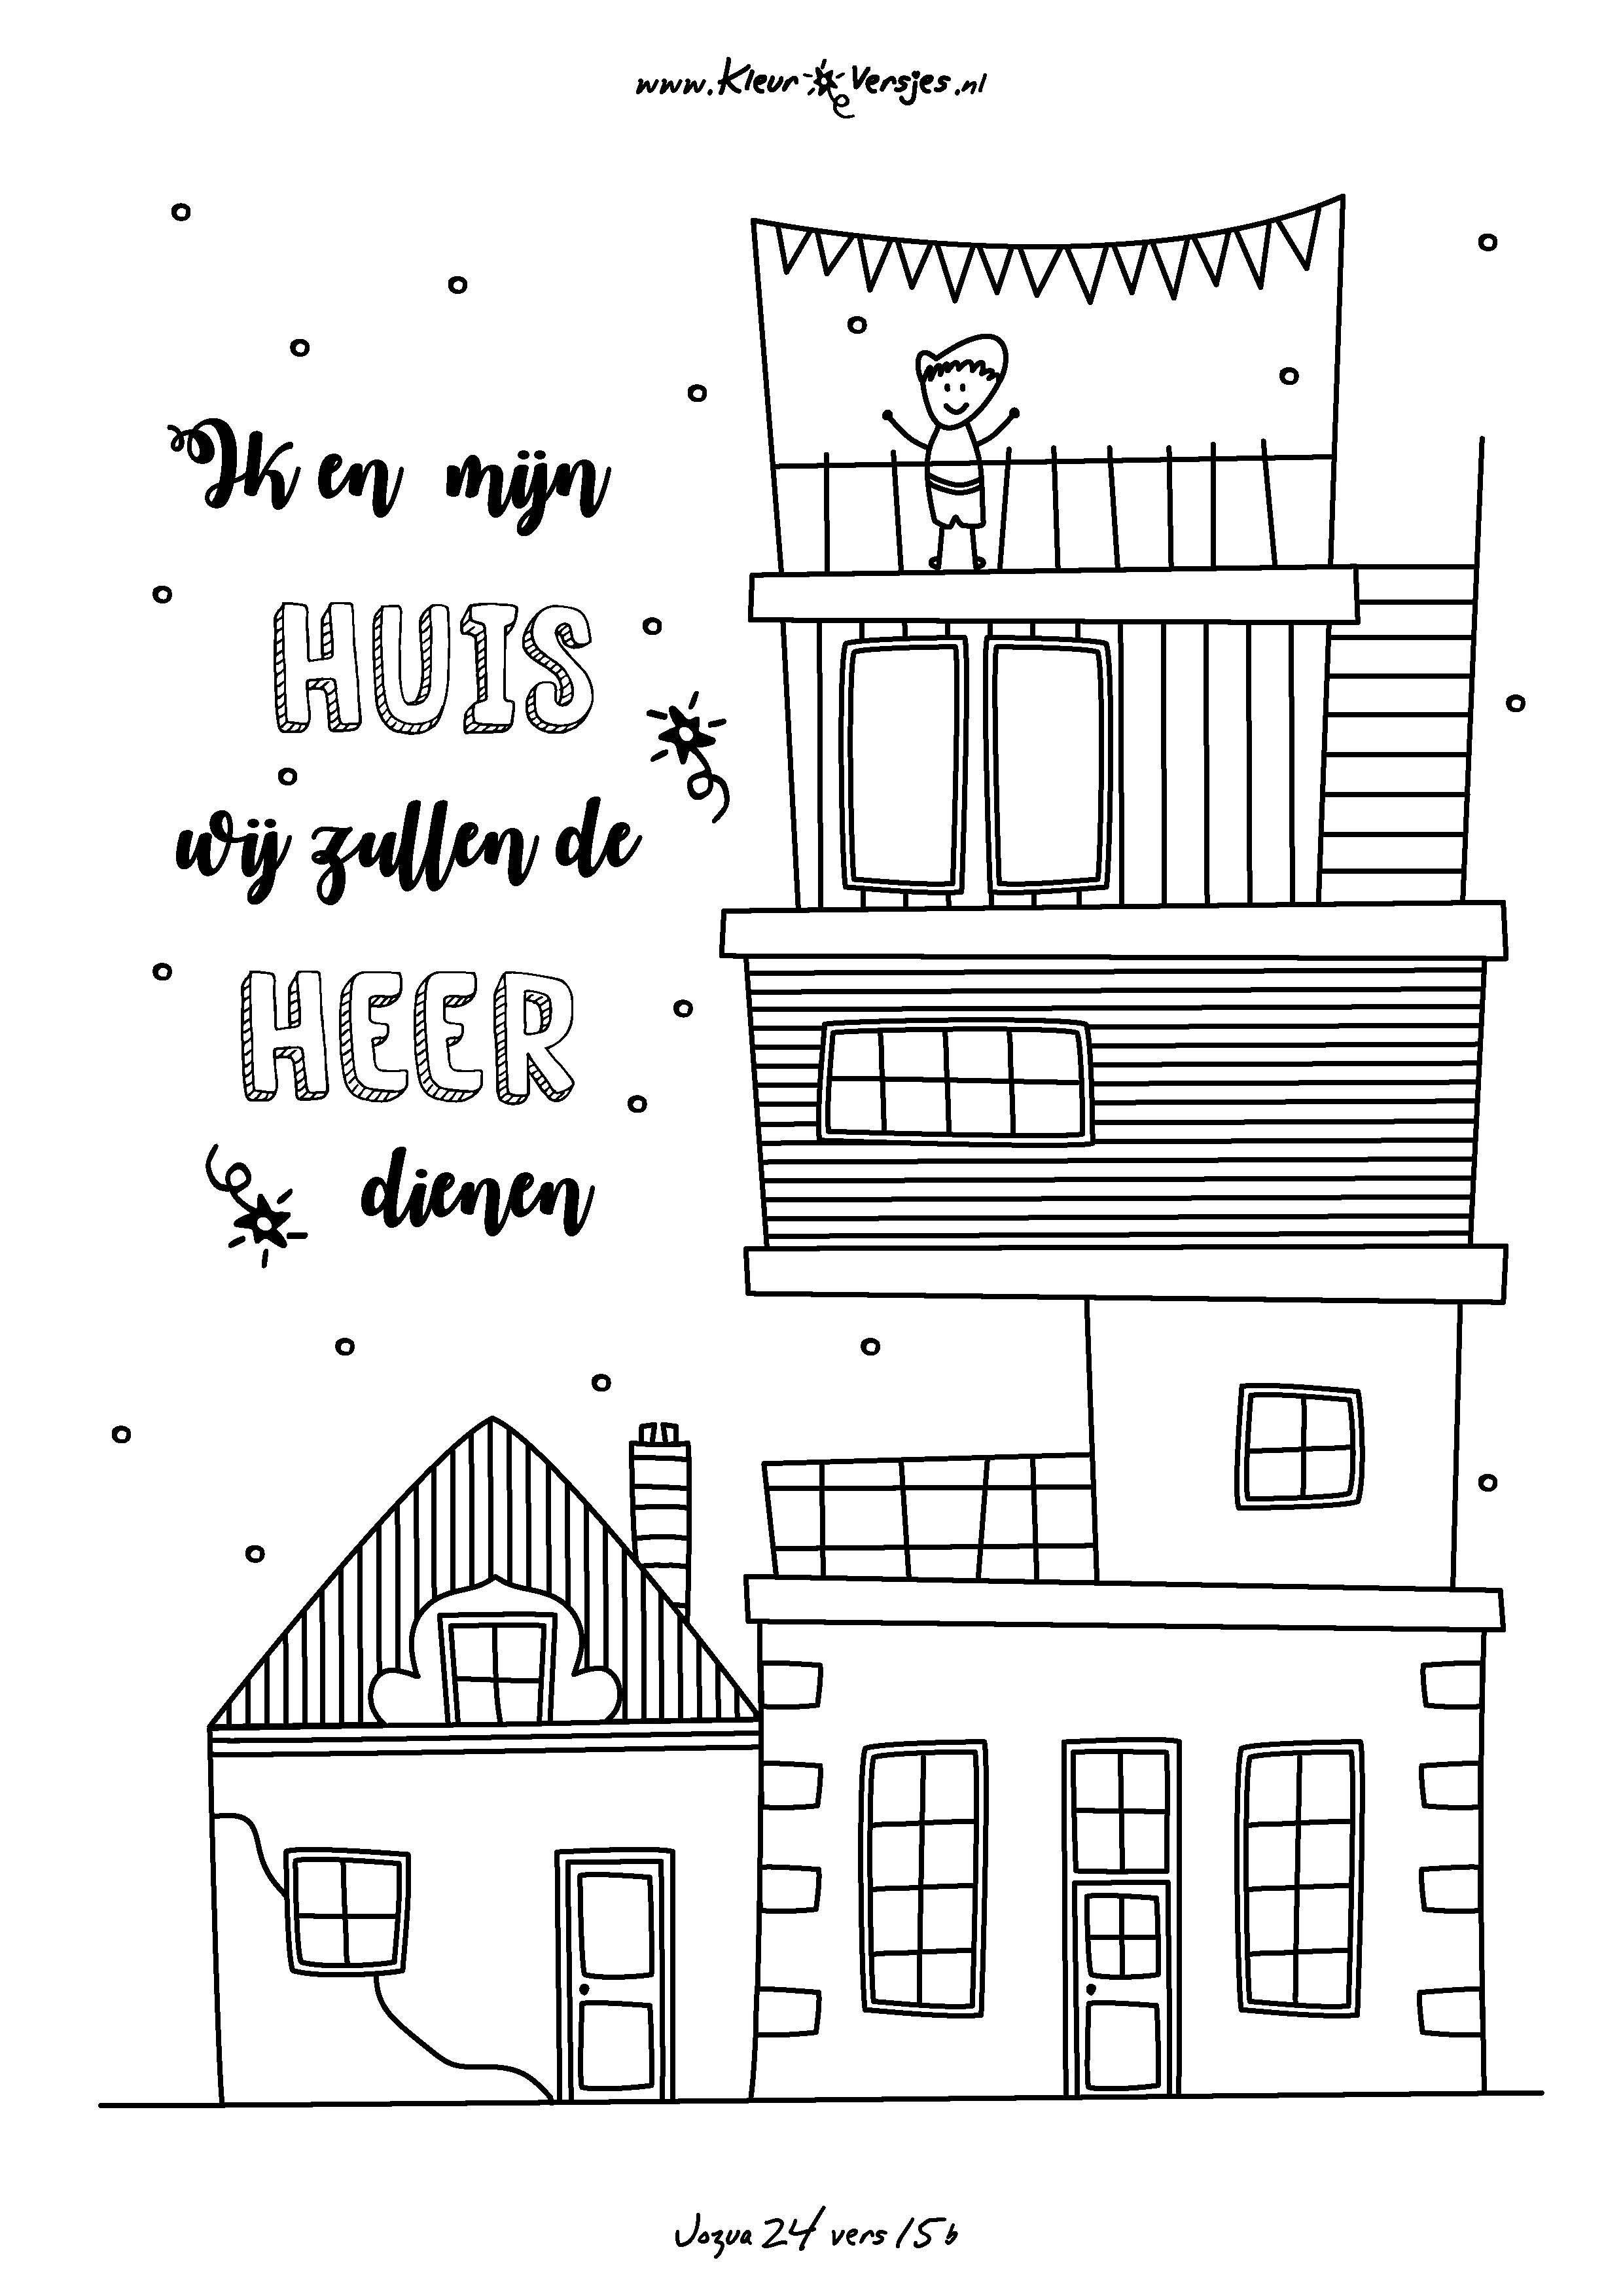 Kleurplaten Nieuw Huis.Inspirerend Kleurplaten Van Een Nieuw Huis Klupaats Website